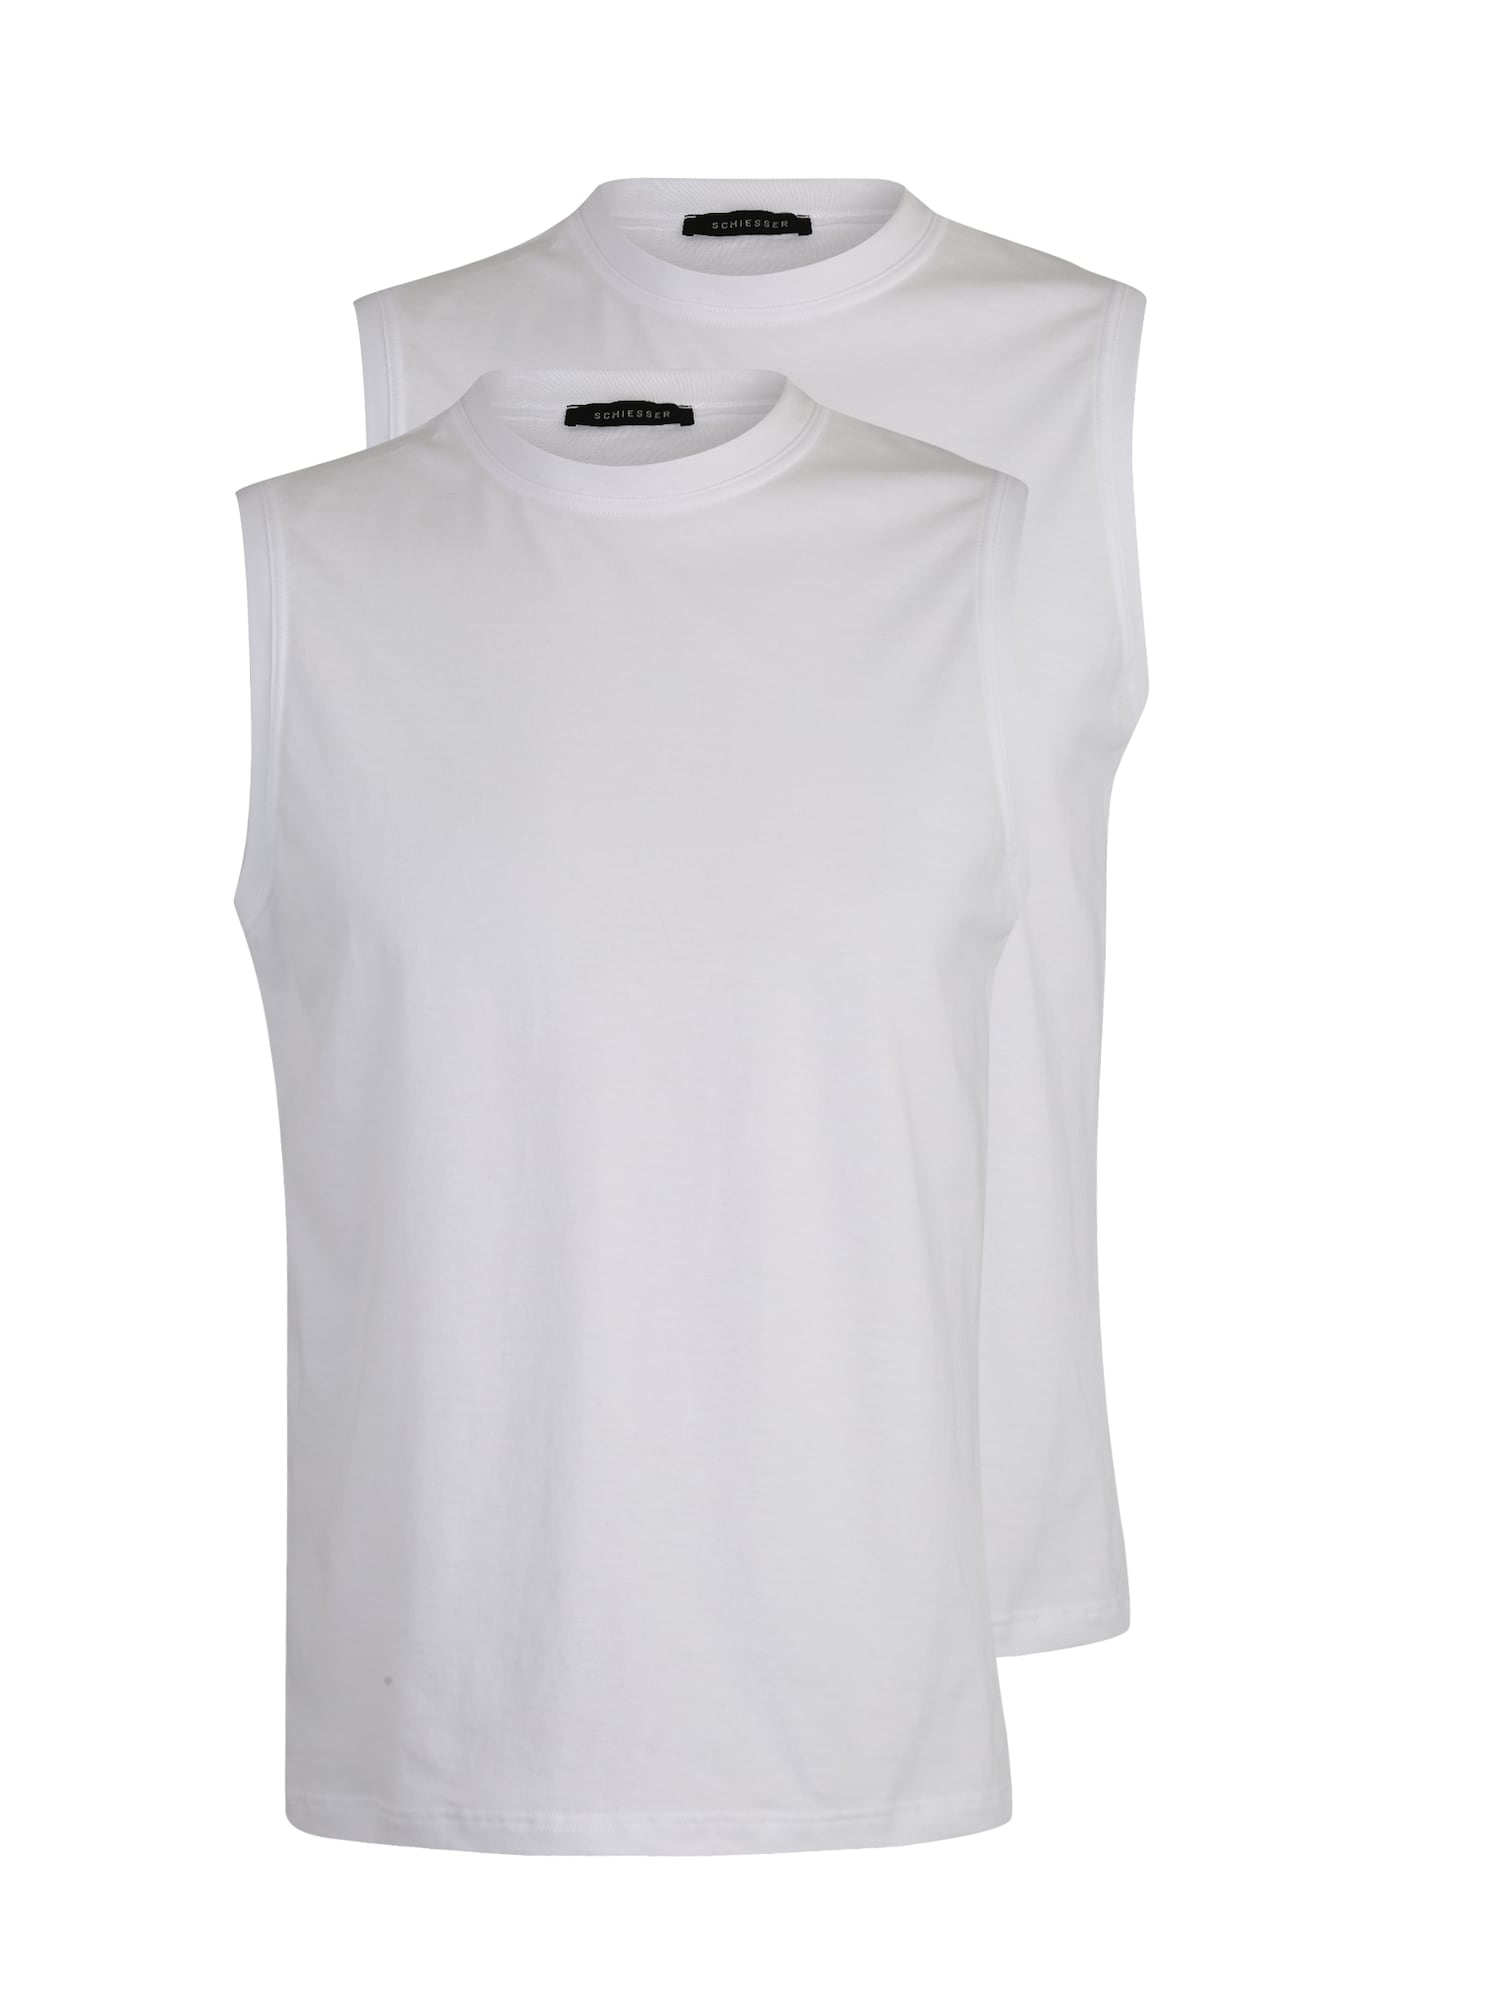 Unterhemd   Bekleidung > Wäsche > Unterhemden   SCHIESSER